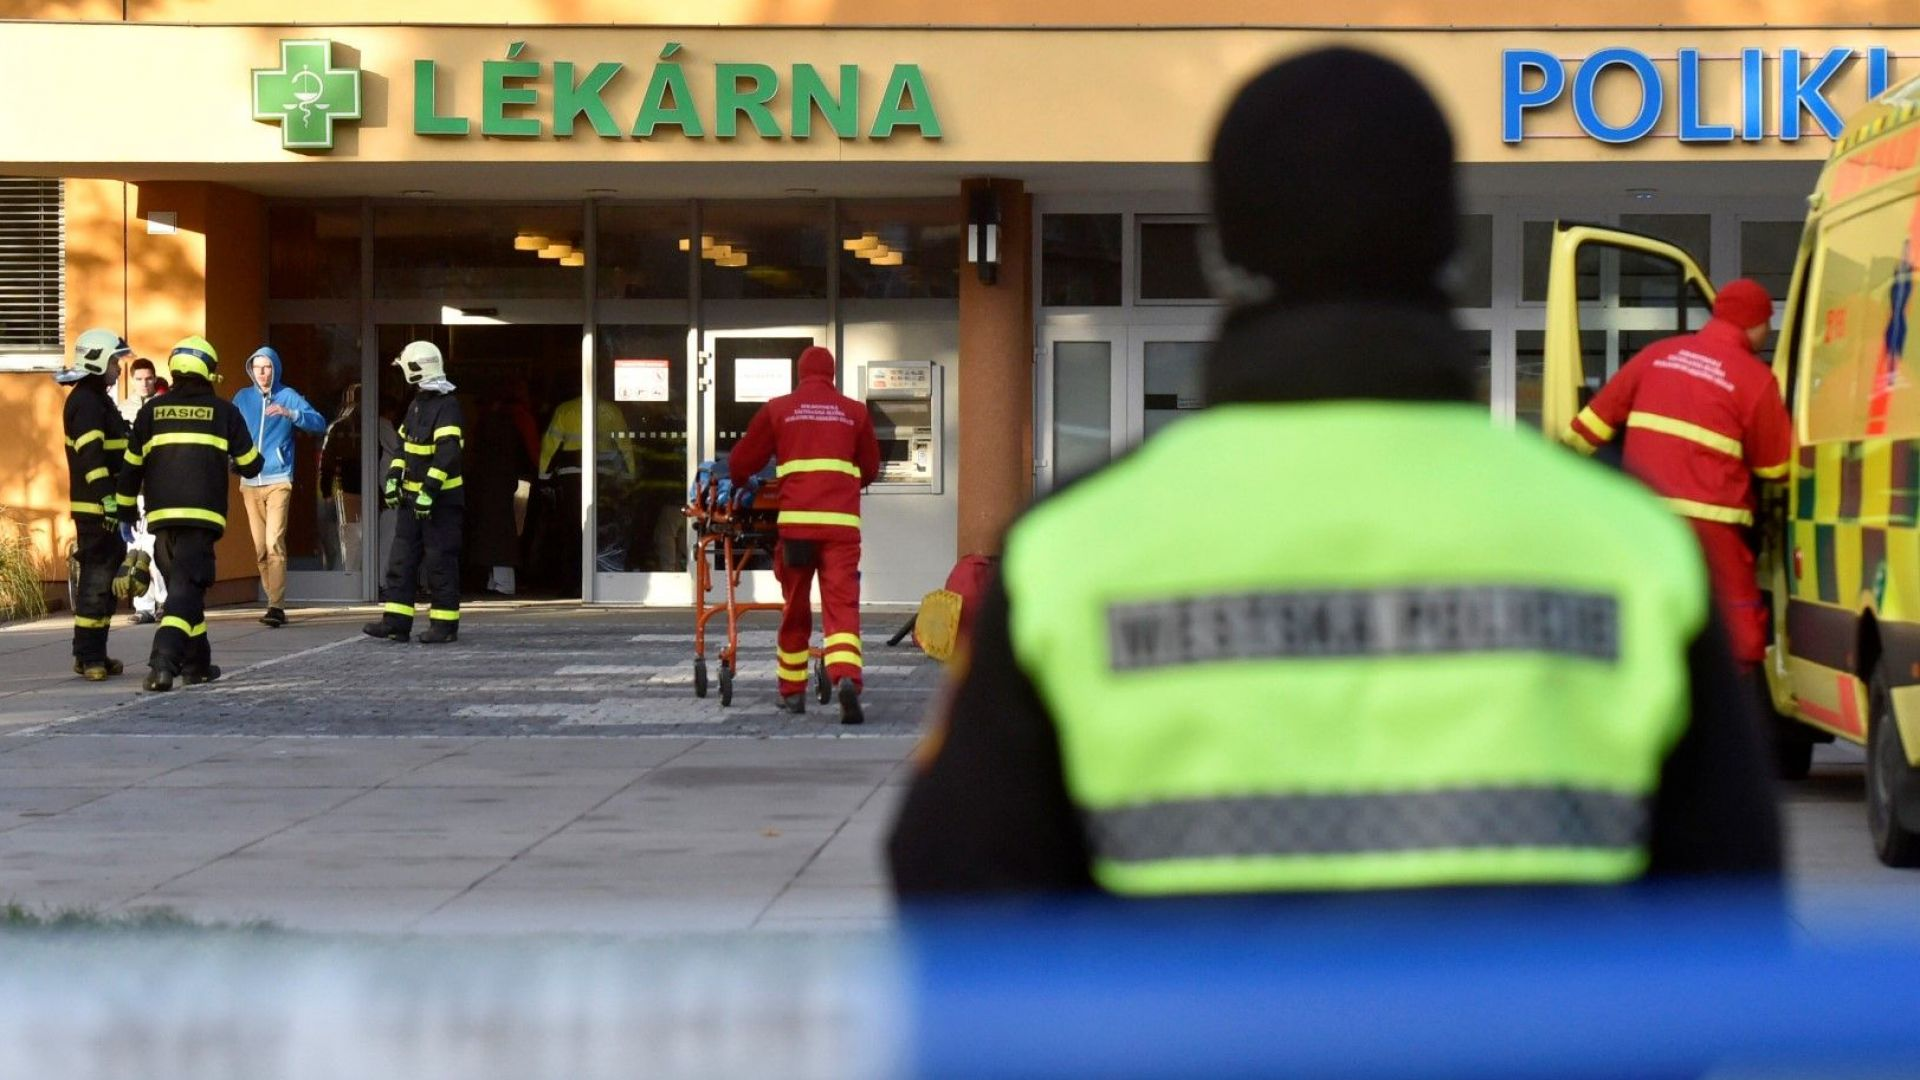 Заподозреният за стрелбата в Острава се е самоубил, съобщи чешката